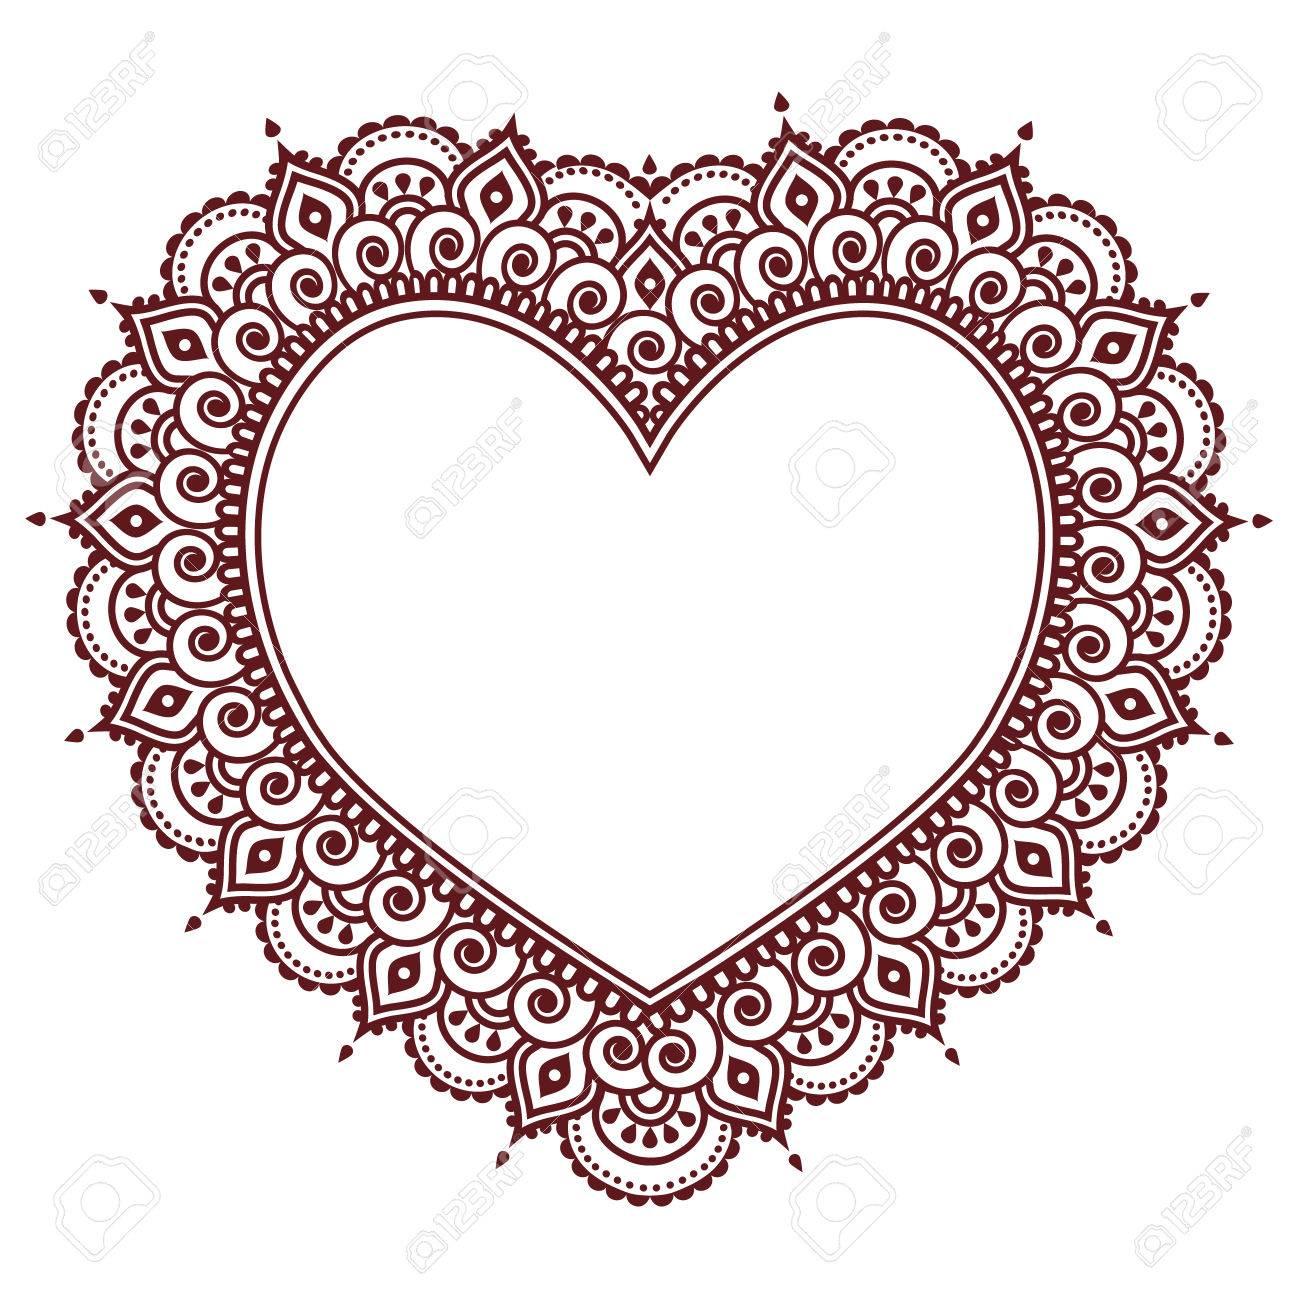 valentinstag grukarte mit herz mehndi indisches henna tattoo muster standard bild - Henna Tattoo Muster